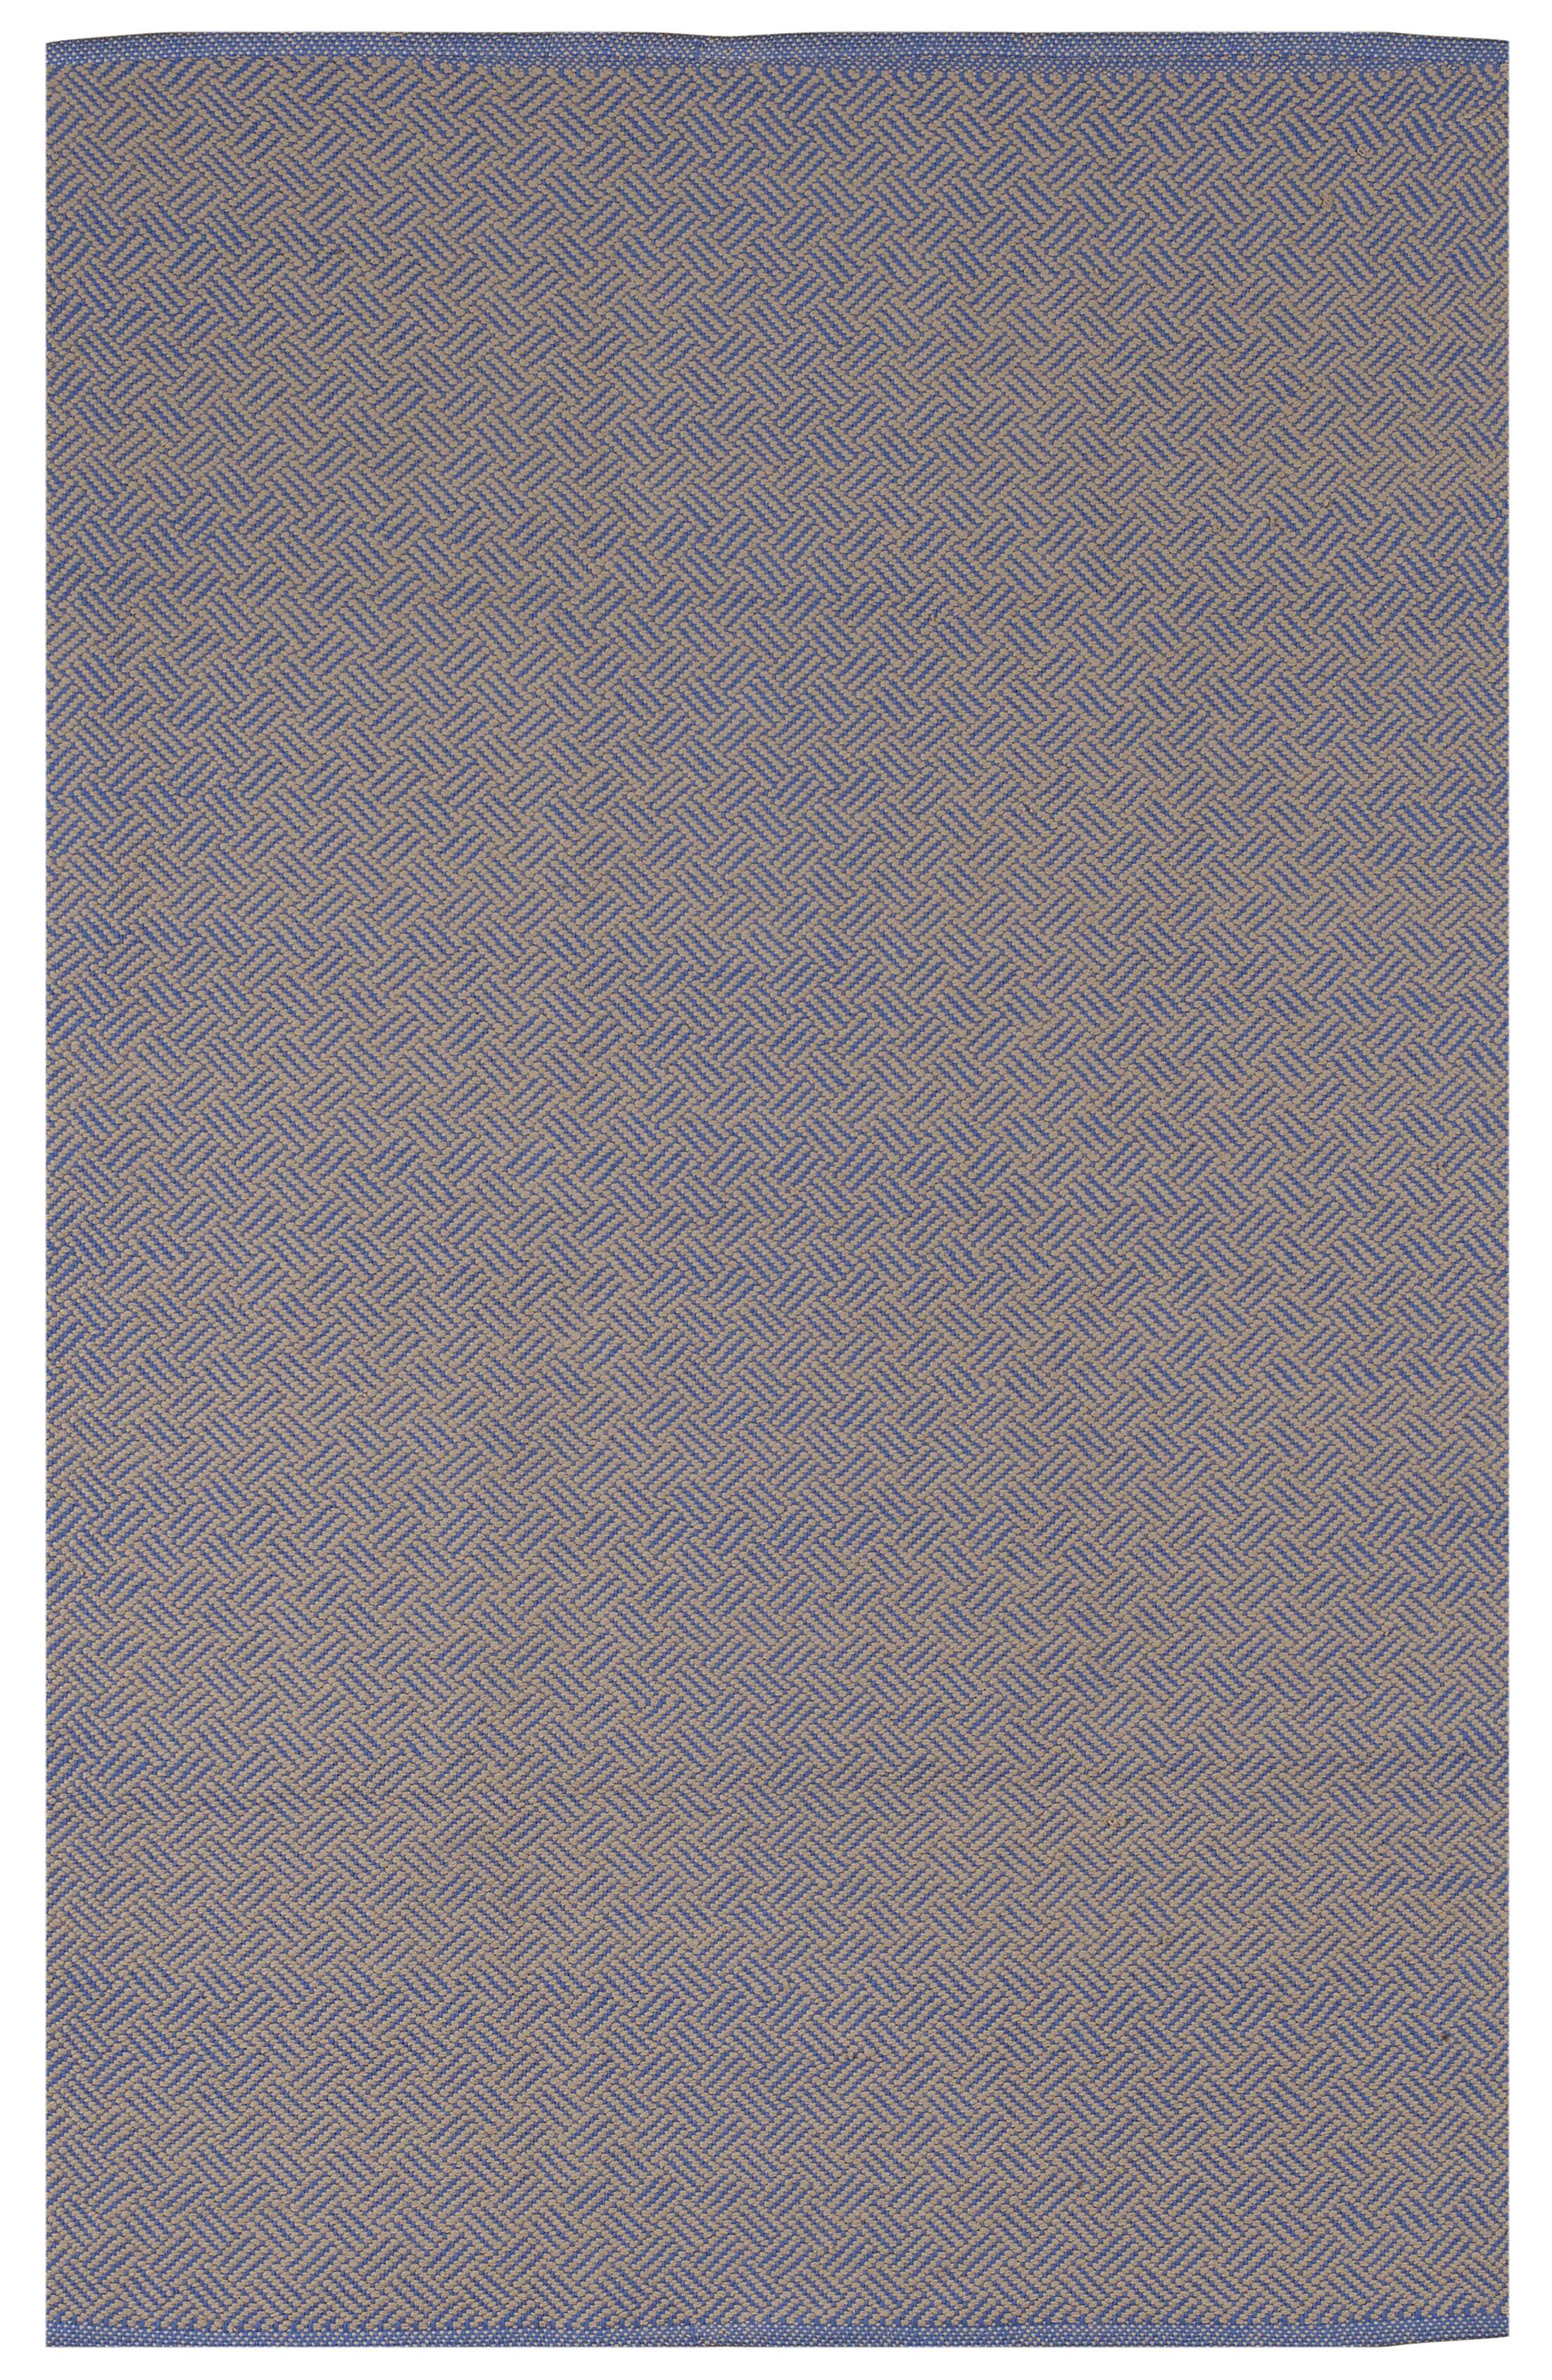 Zen Indoor Karma Cotton Gray Area Rug Rug Size: 4' x 6'